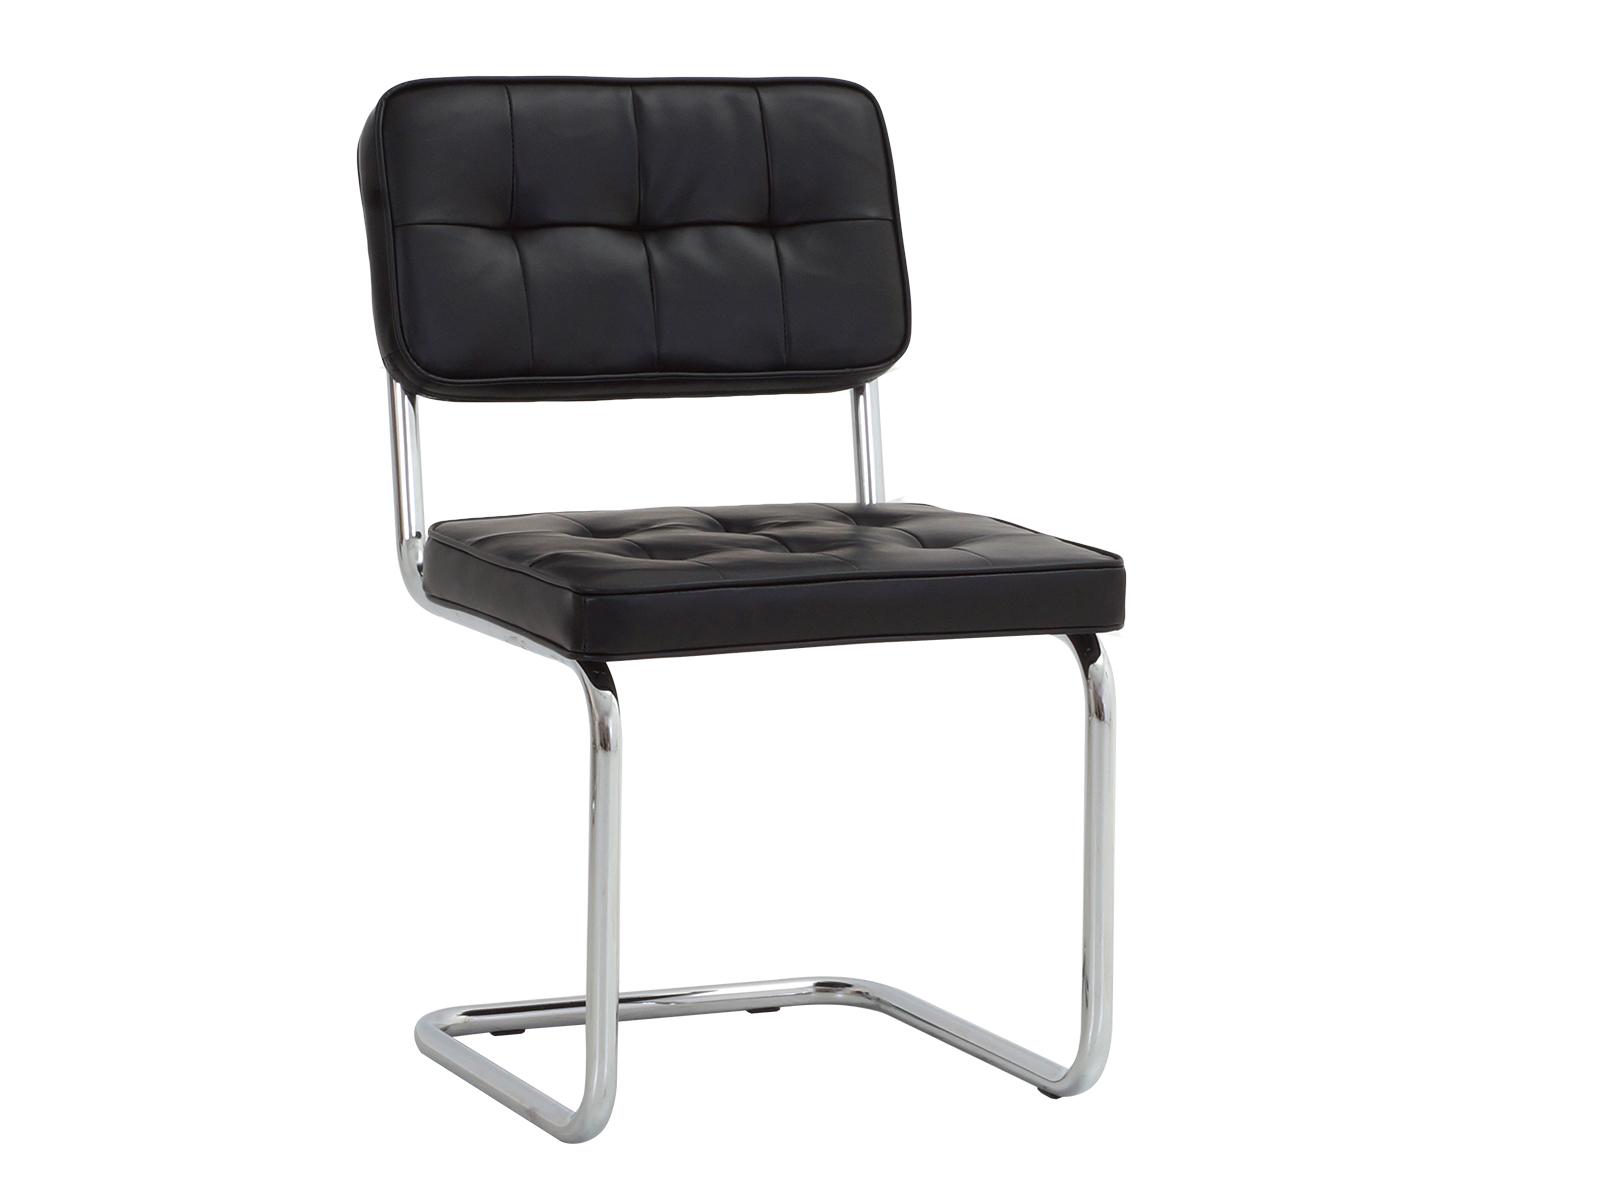 Стул Glen BСтулья<br>Стул на металлокаркасе, спинка и сиденье обиты экокожей с декоративной строчкой.<br>